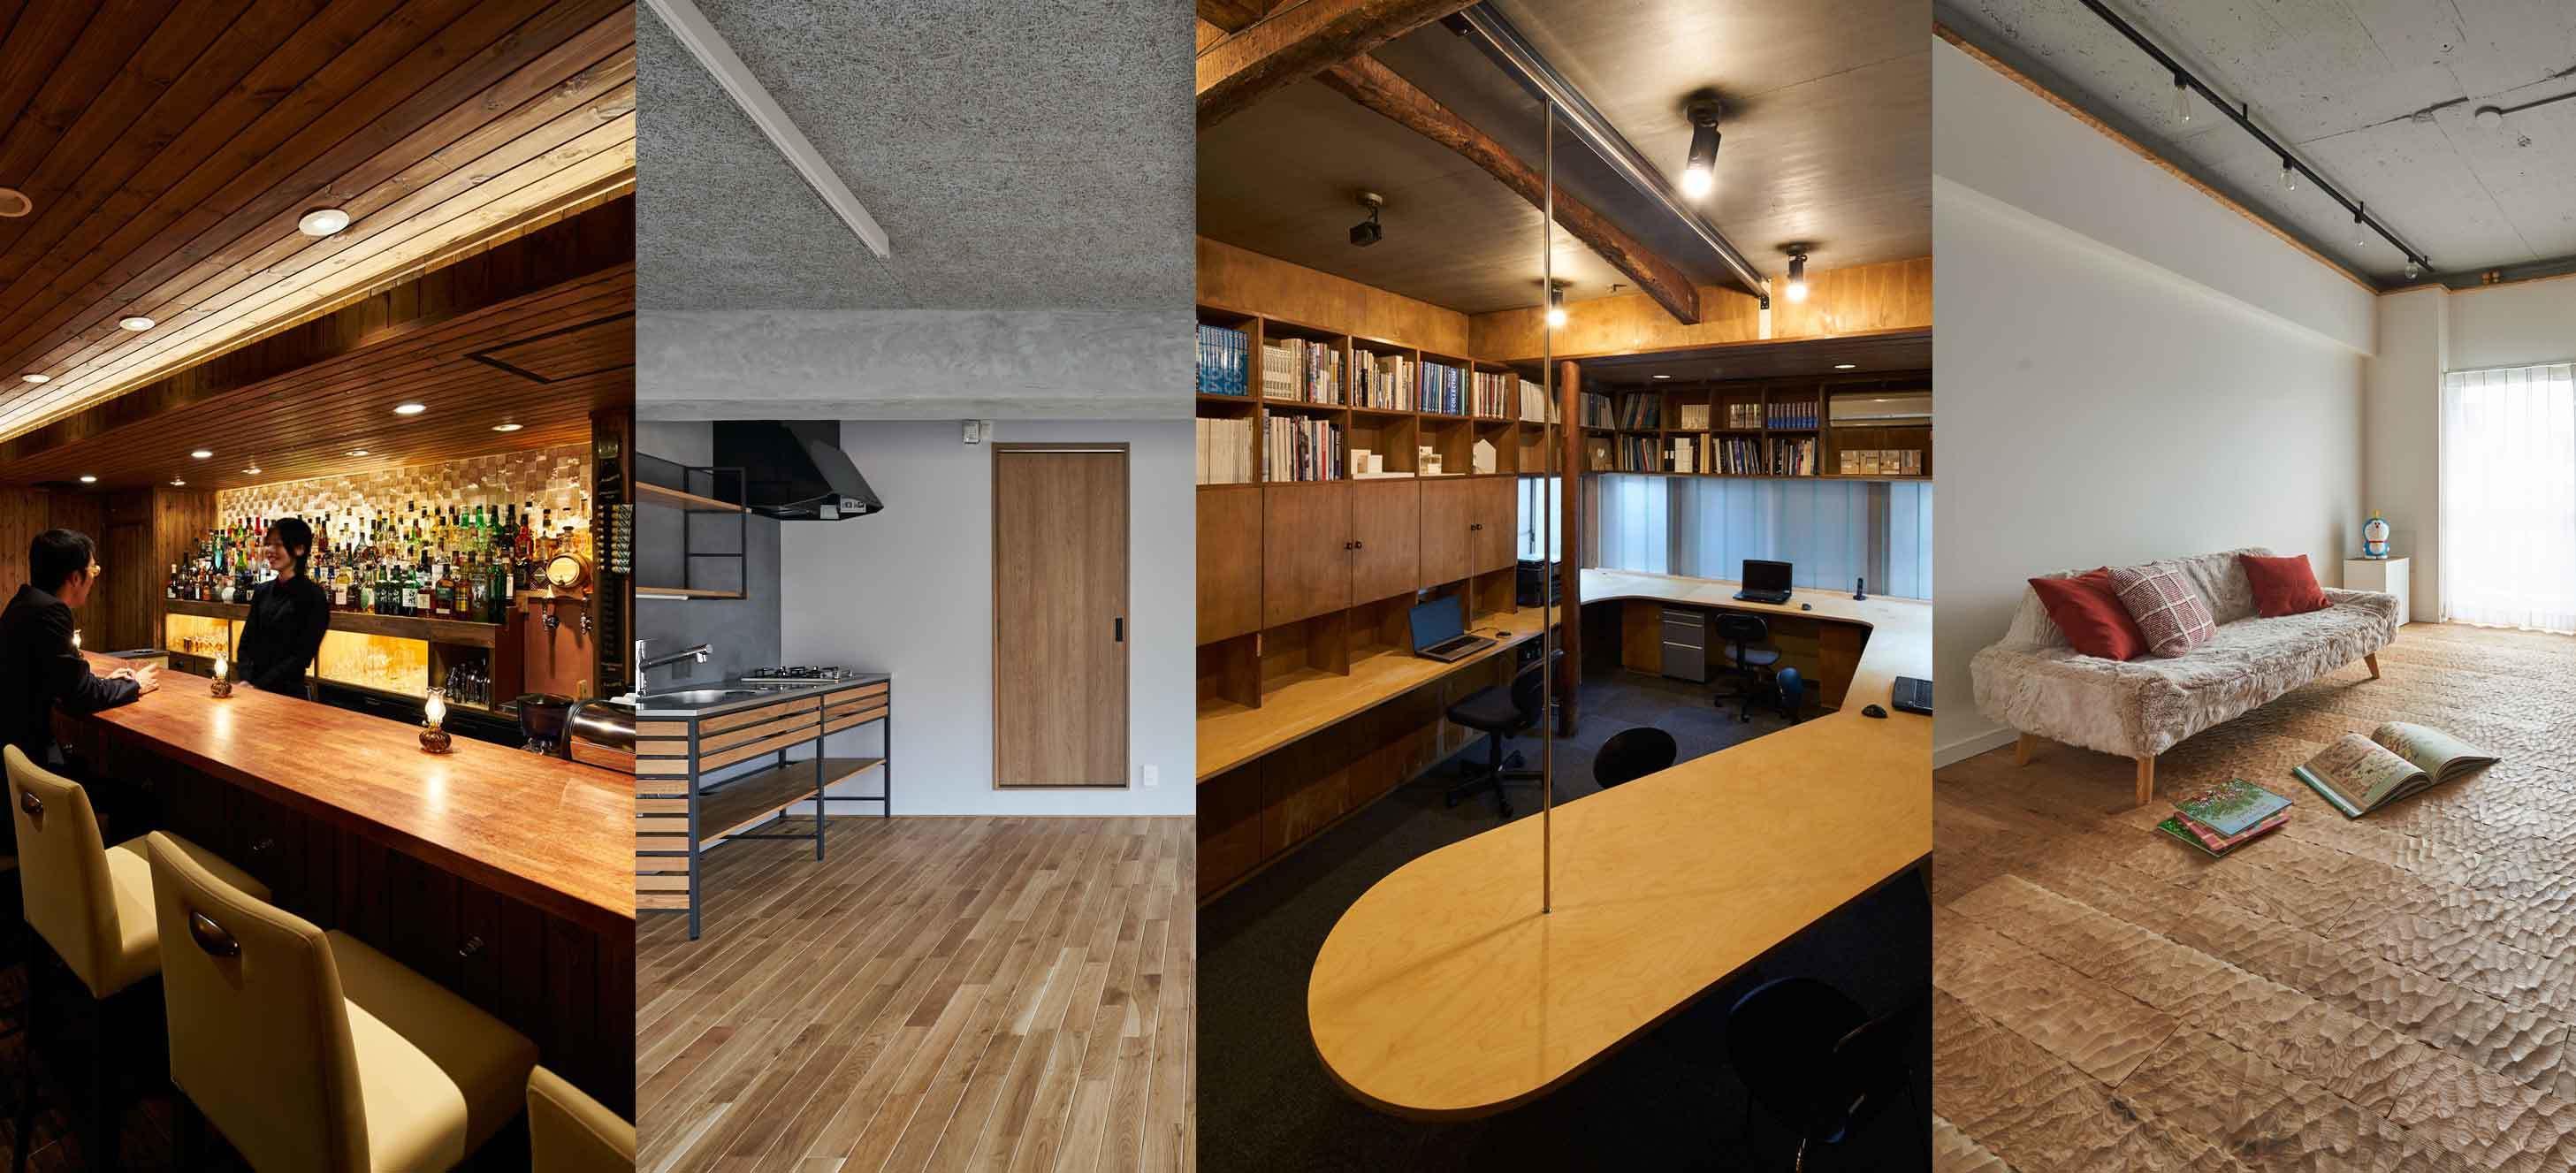 改修設計も手掛けています。左から、バー、マンション、旧長友事務所、マンションの改修です。